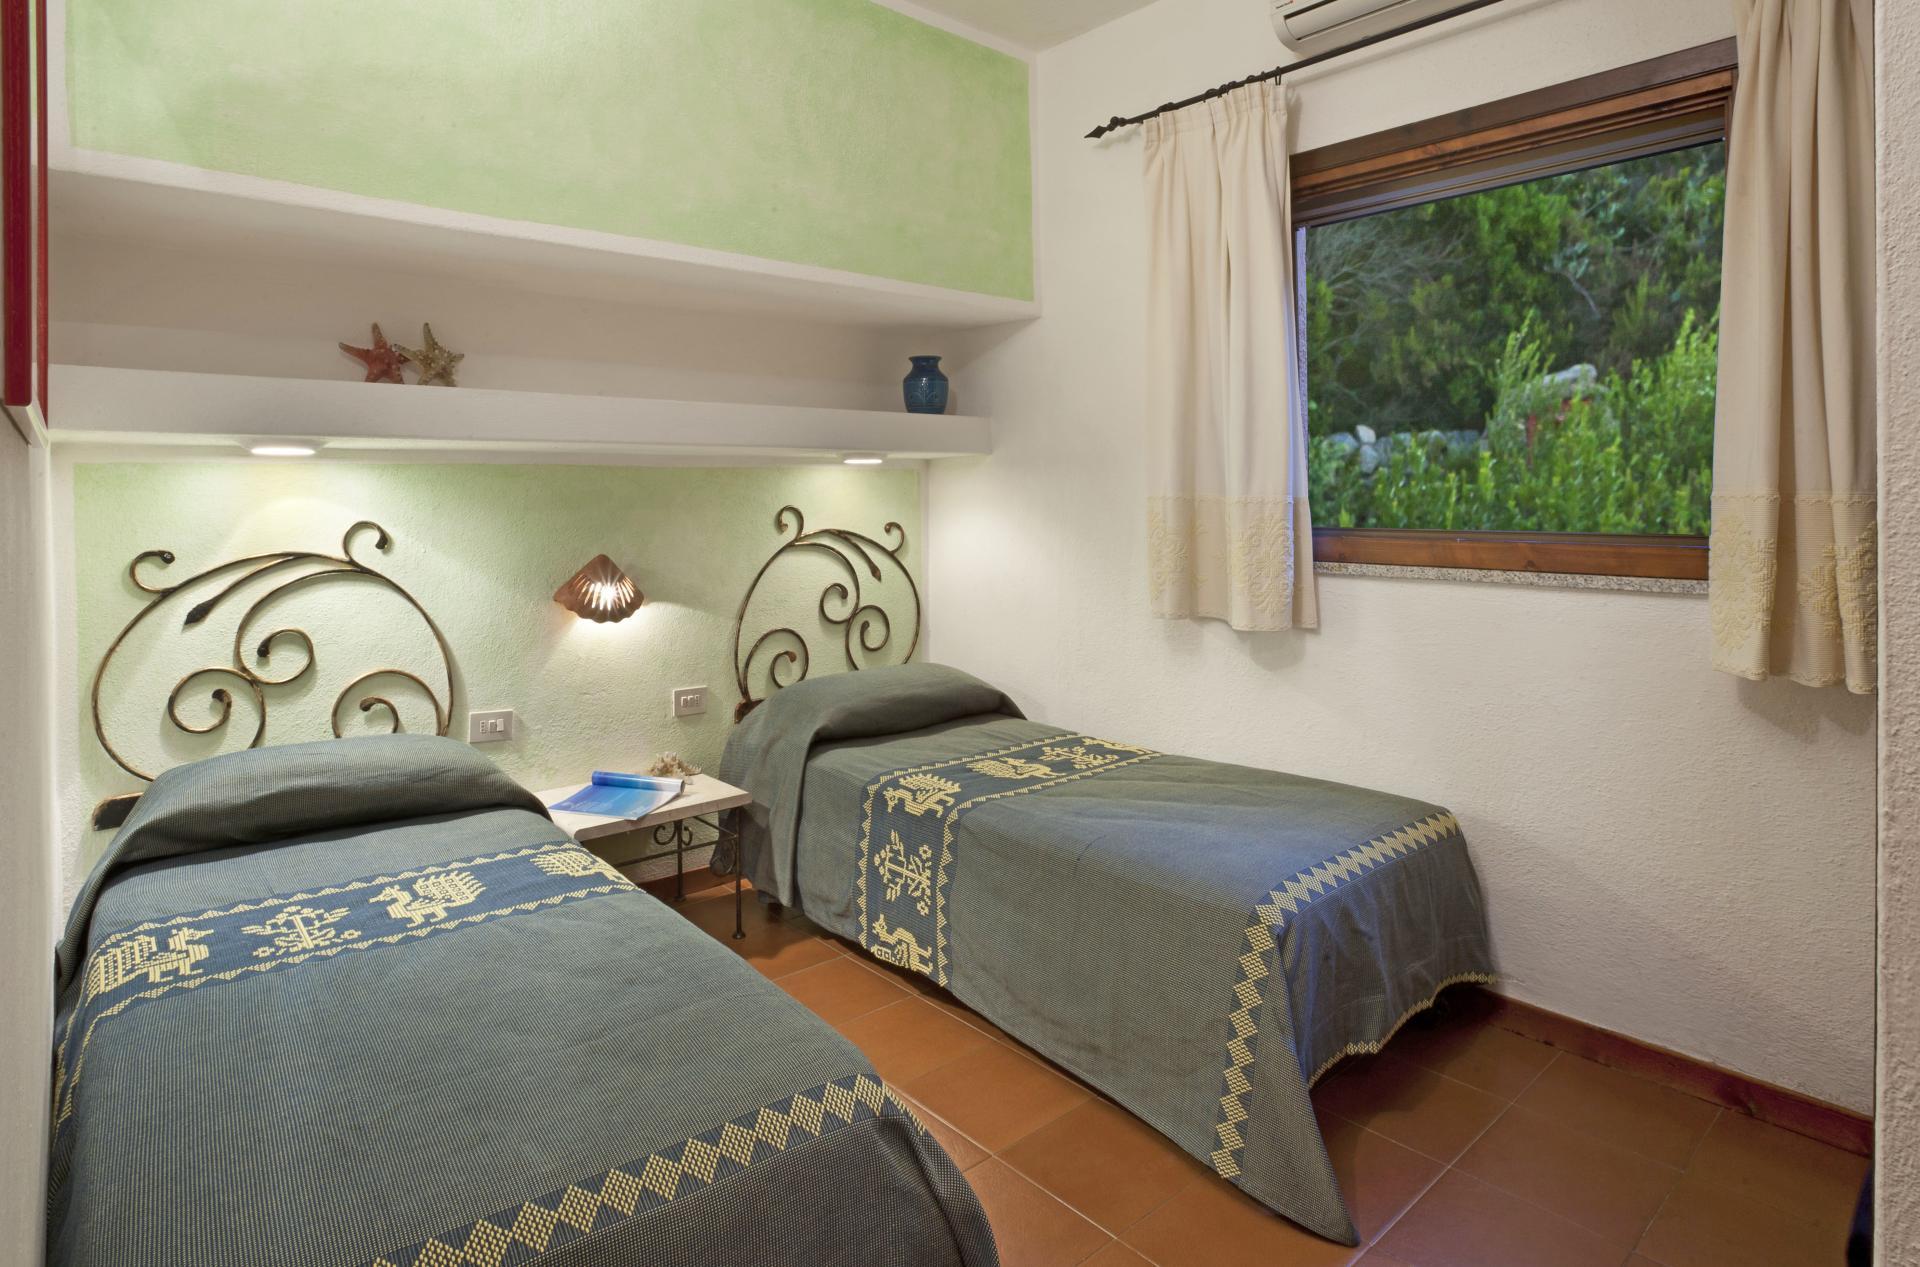 Slaapkamer Met 2 Eenpersoonsbedden.Slaapkamer Met 2 Eenpersoonsbedden Dizzymansband